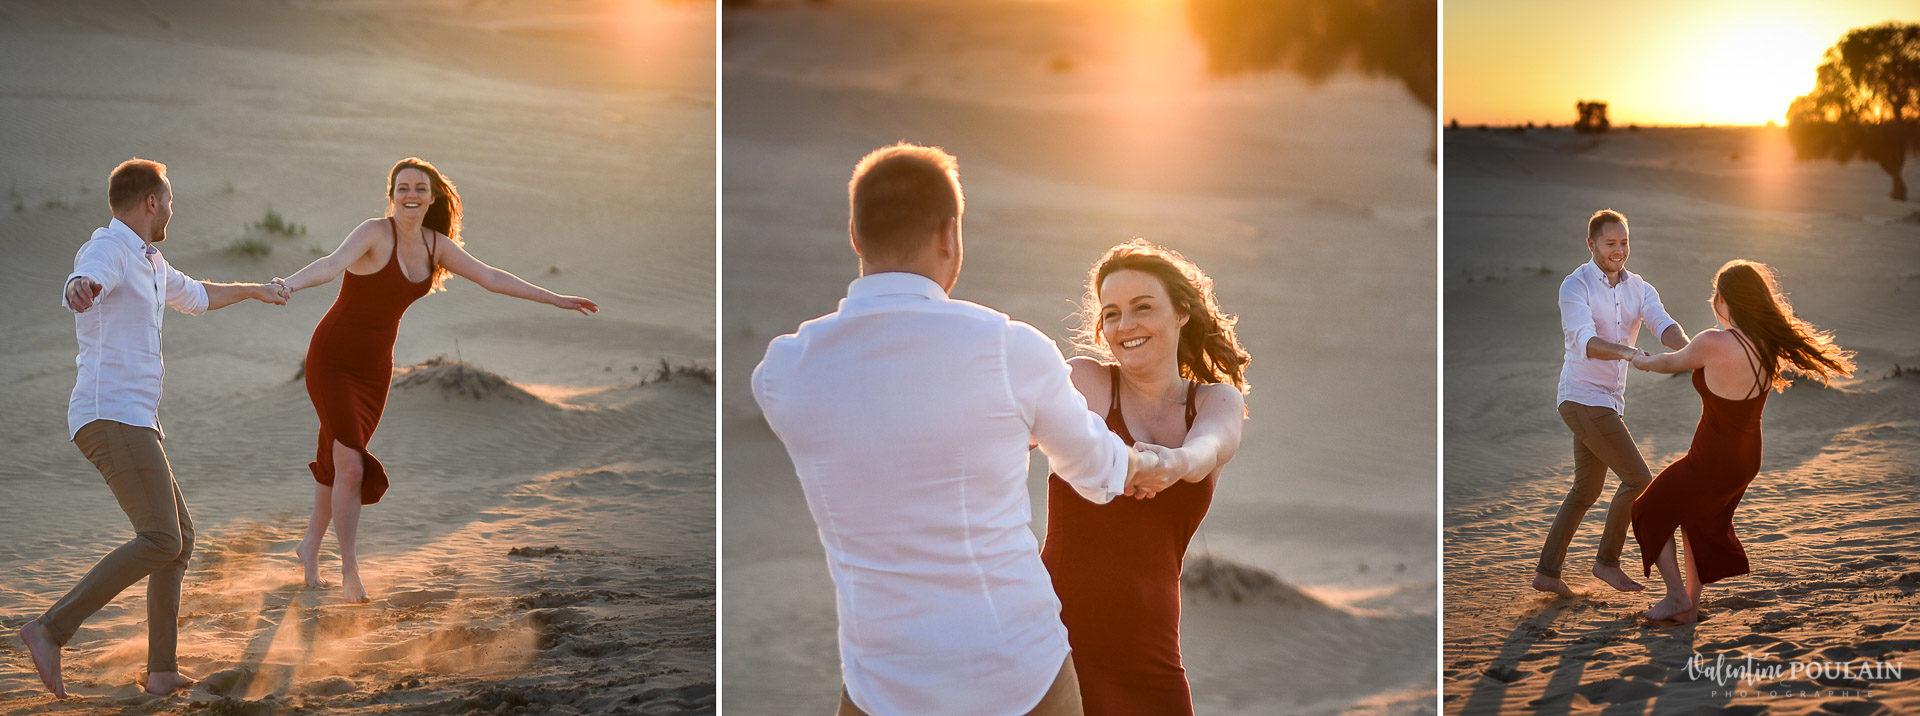 Demande en mariage désert-Dubaï Valentine Poulain tournent